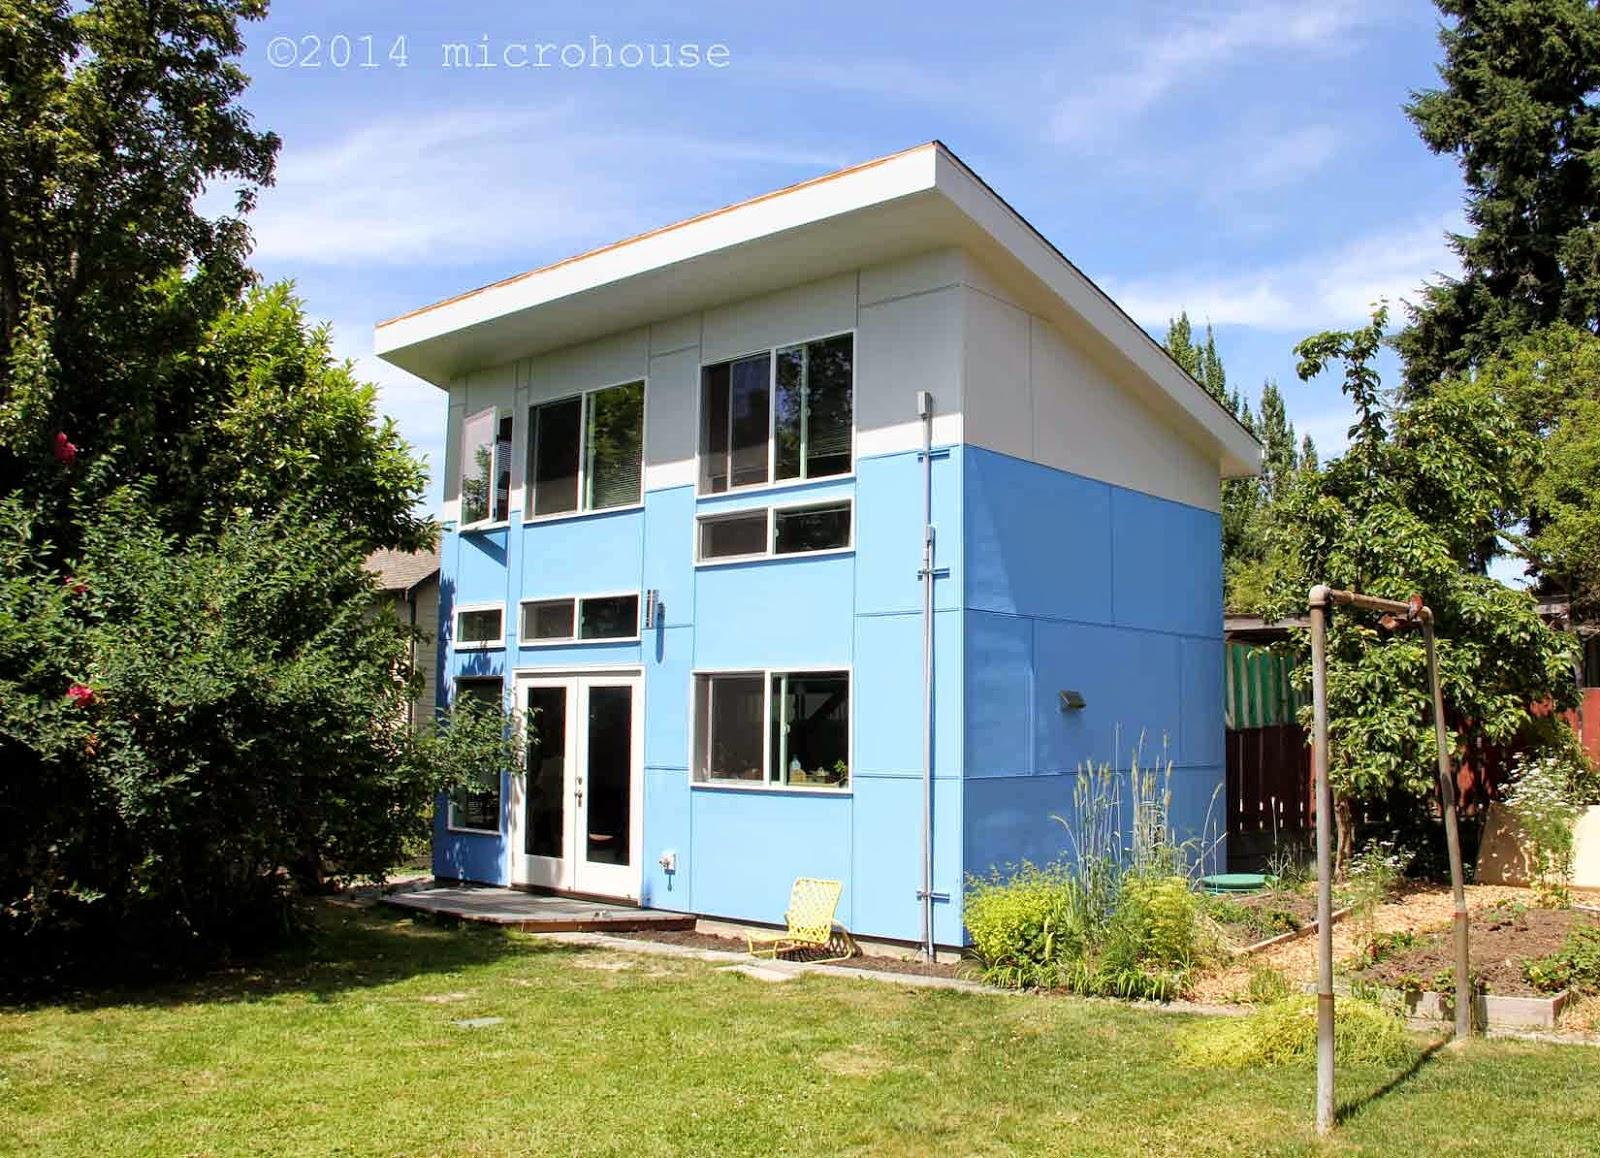 backyard cottage blog: backyard cottage open house ...